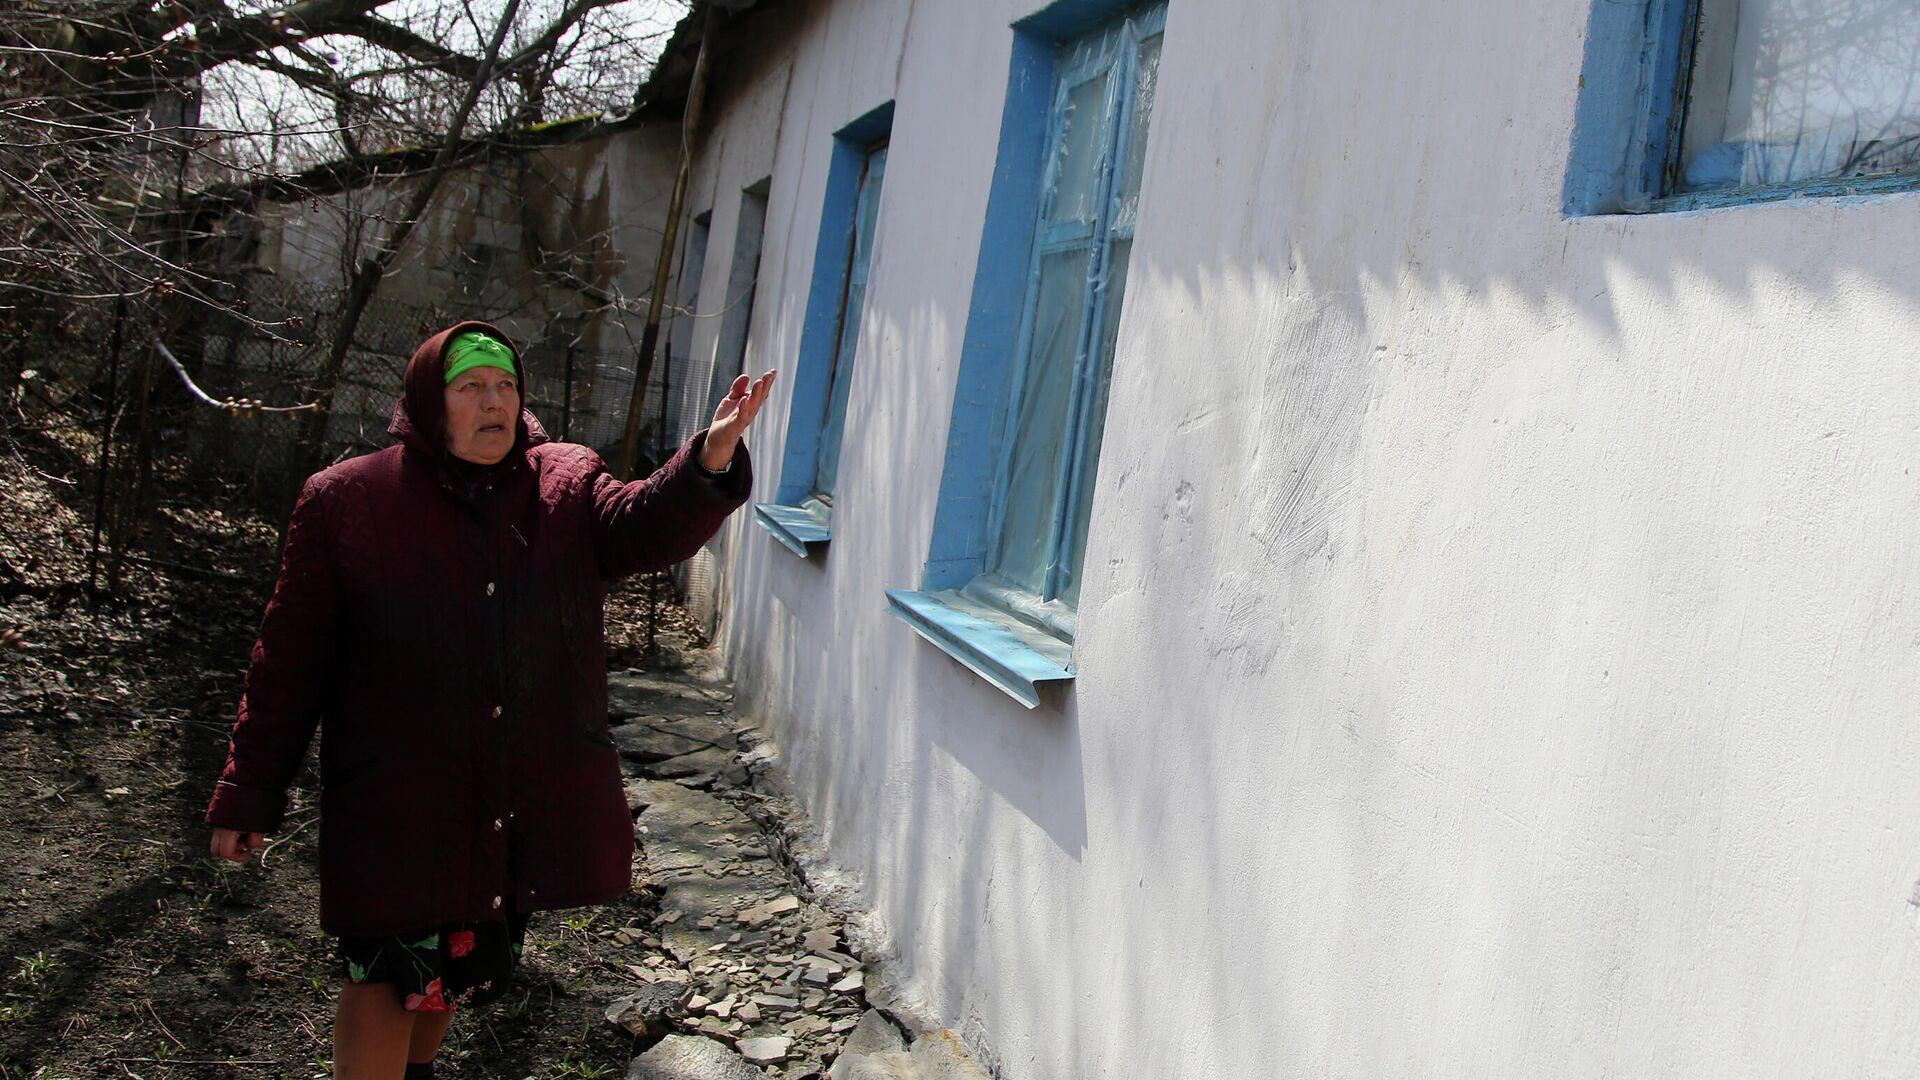 Местная жительница из села Васильевка Донецкой области показывает повреждение в своем доме, пострадавшем в результате обстрела - РИА Новости, 1920, 18.05.2021